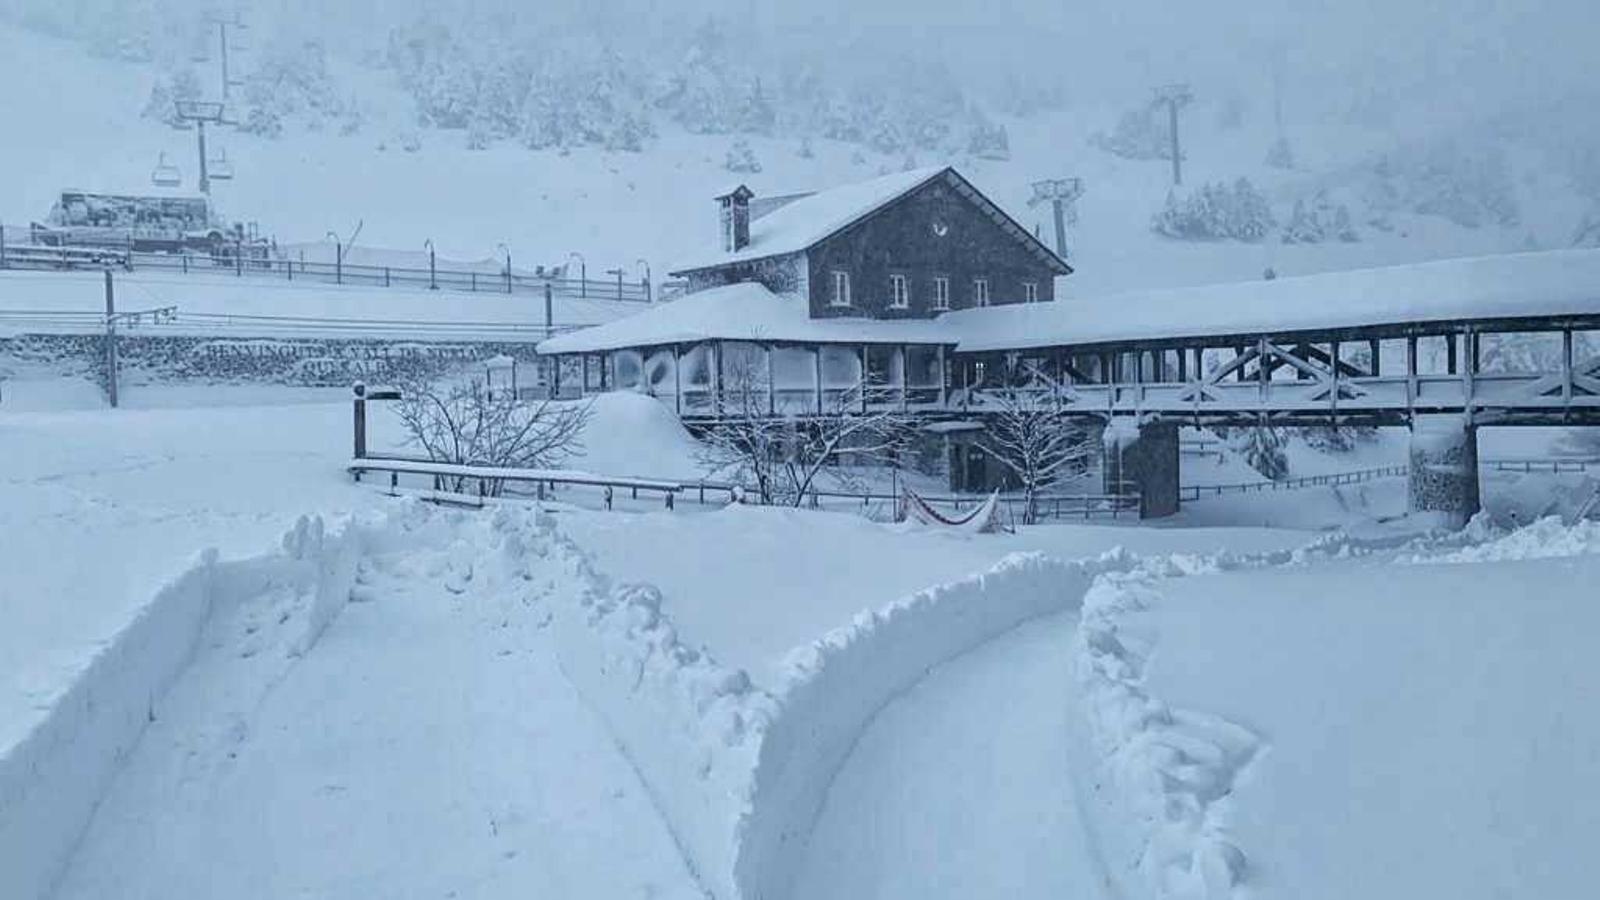 Núria amb més de 60 cm de neu acumuada aquest matí